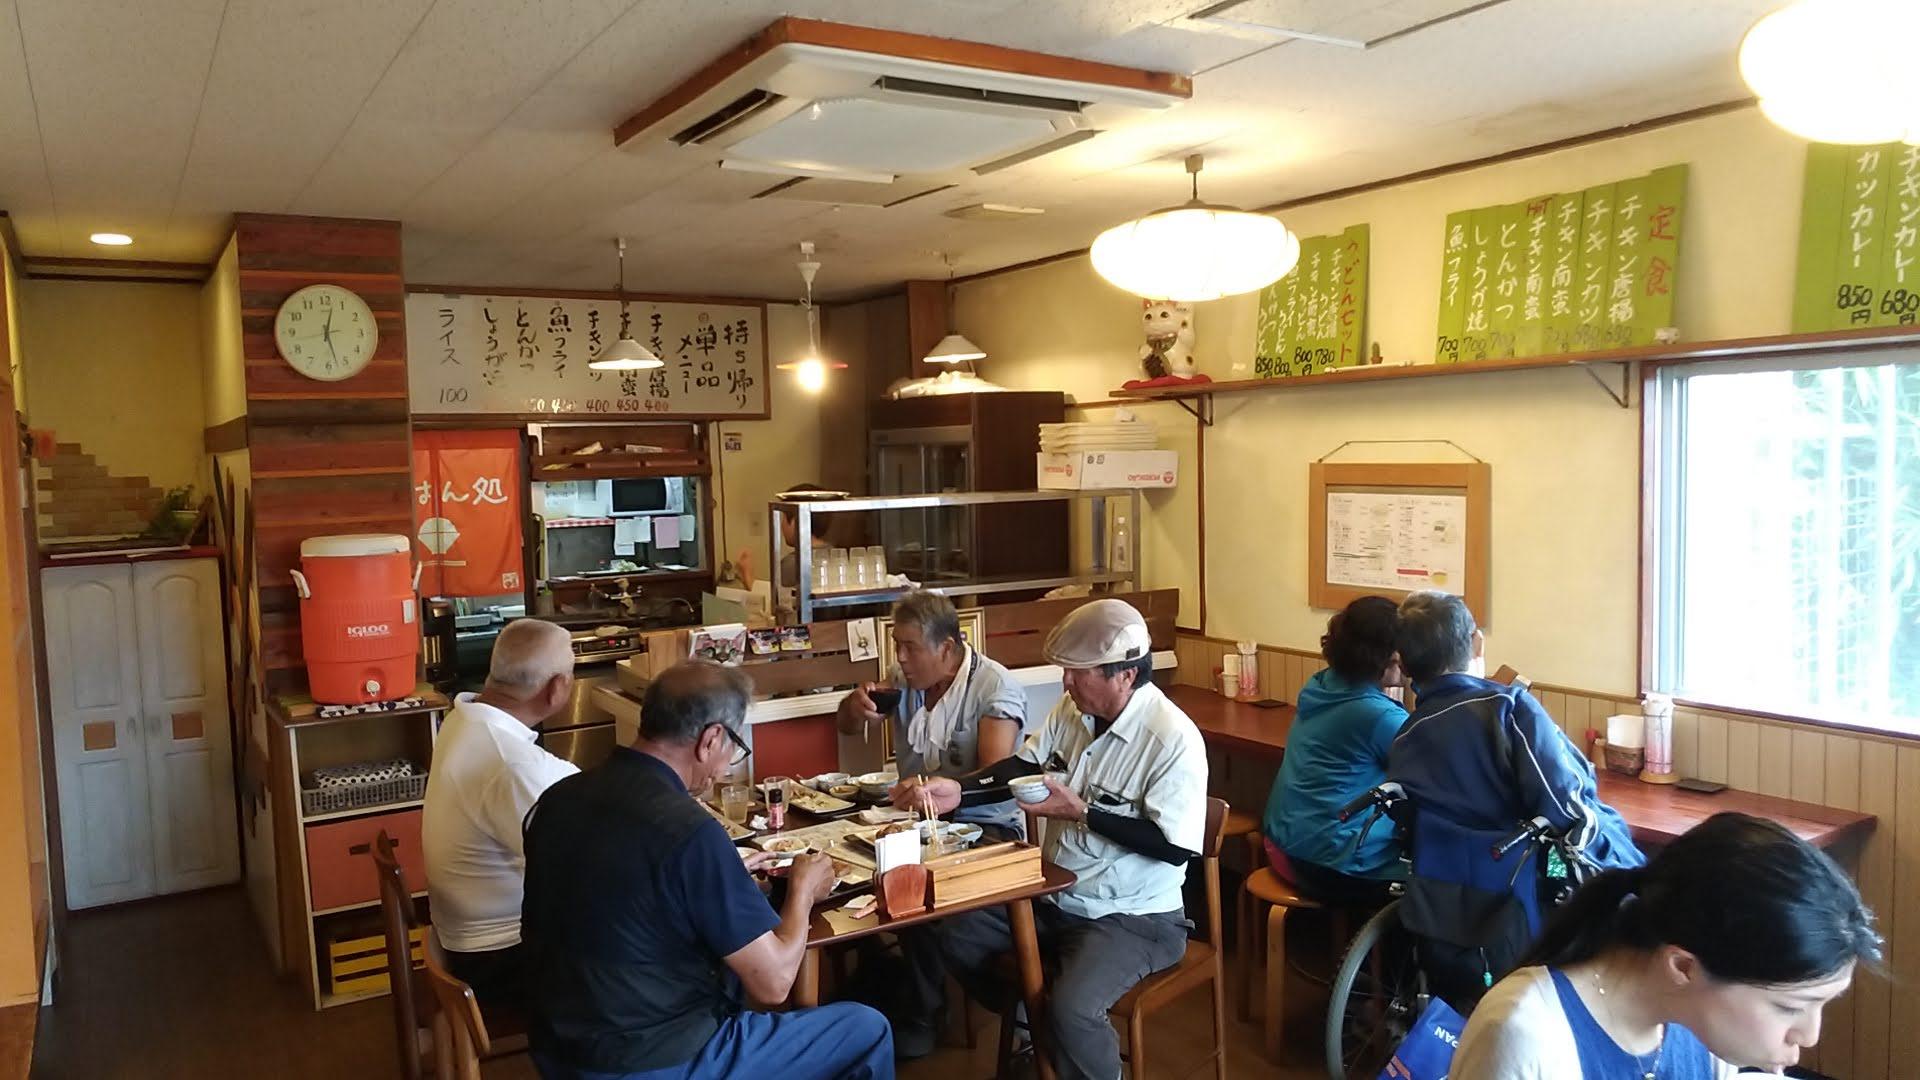 The inside of the restaurant of Zamami Shokudou